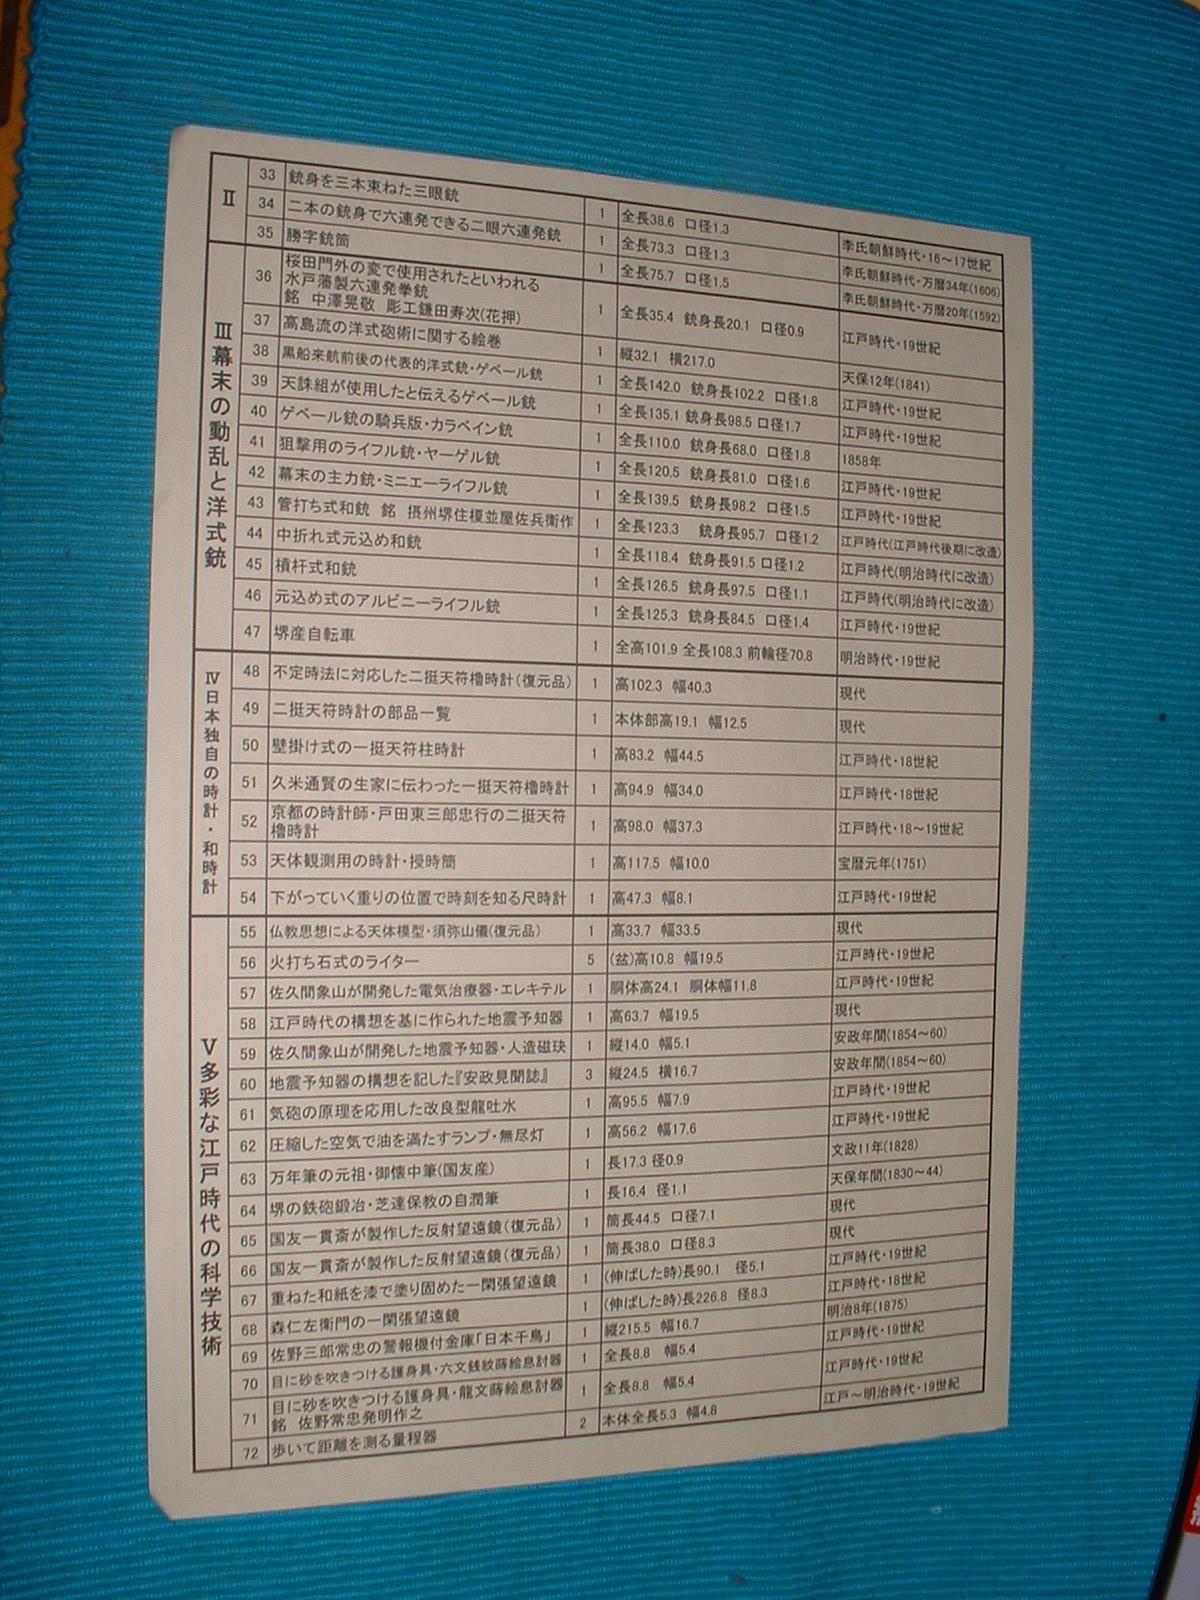 高槻市立しろあと歴史館 第32回企画展目録1.JPG